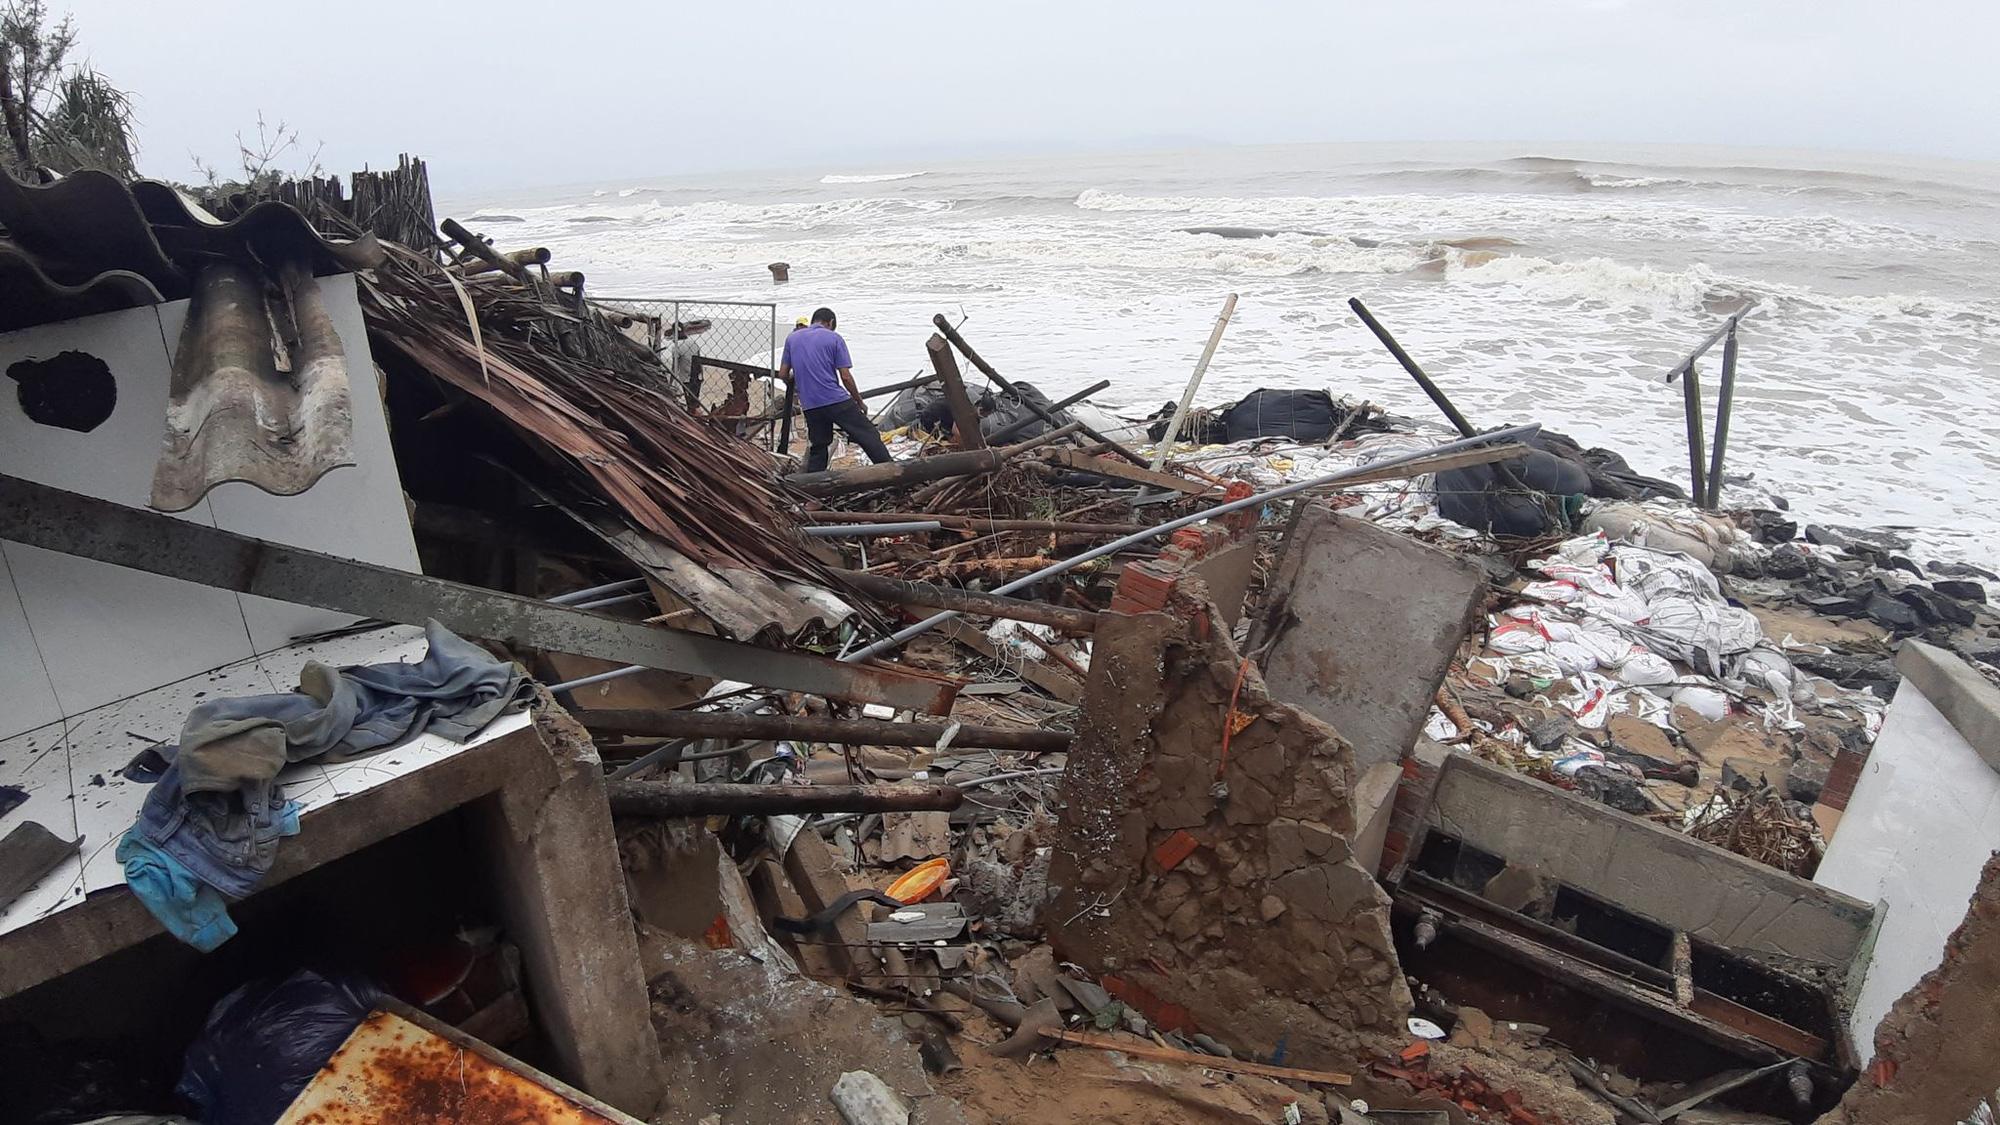 Ảnh hưởng bão số 13: Hàng chục nhà hàng ven biển An Bàng, Hội An bị đánh sập  - Ảnh 8.